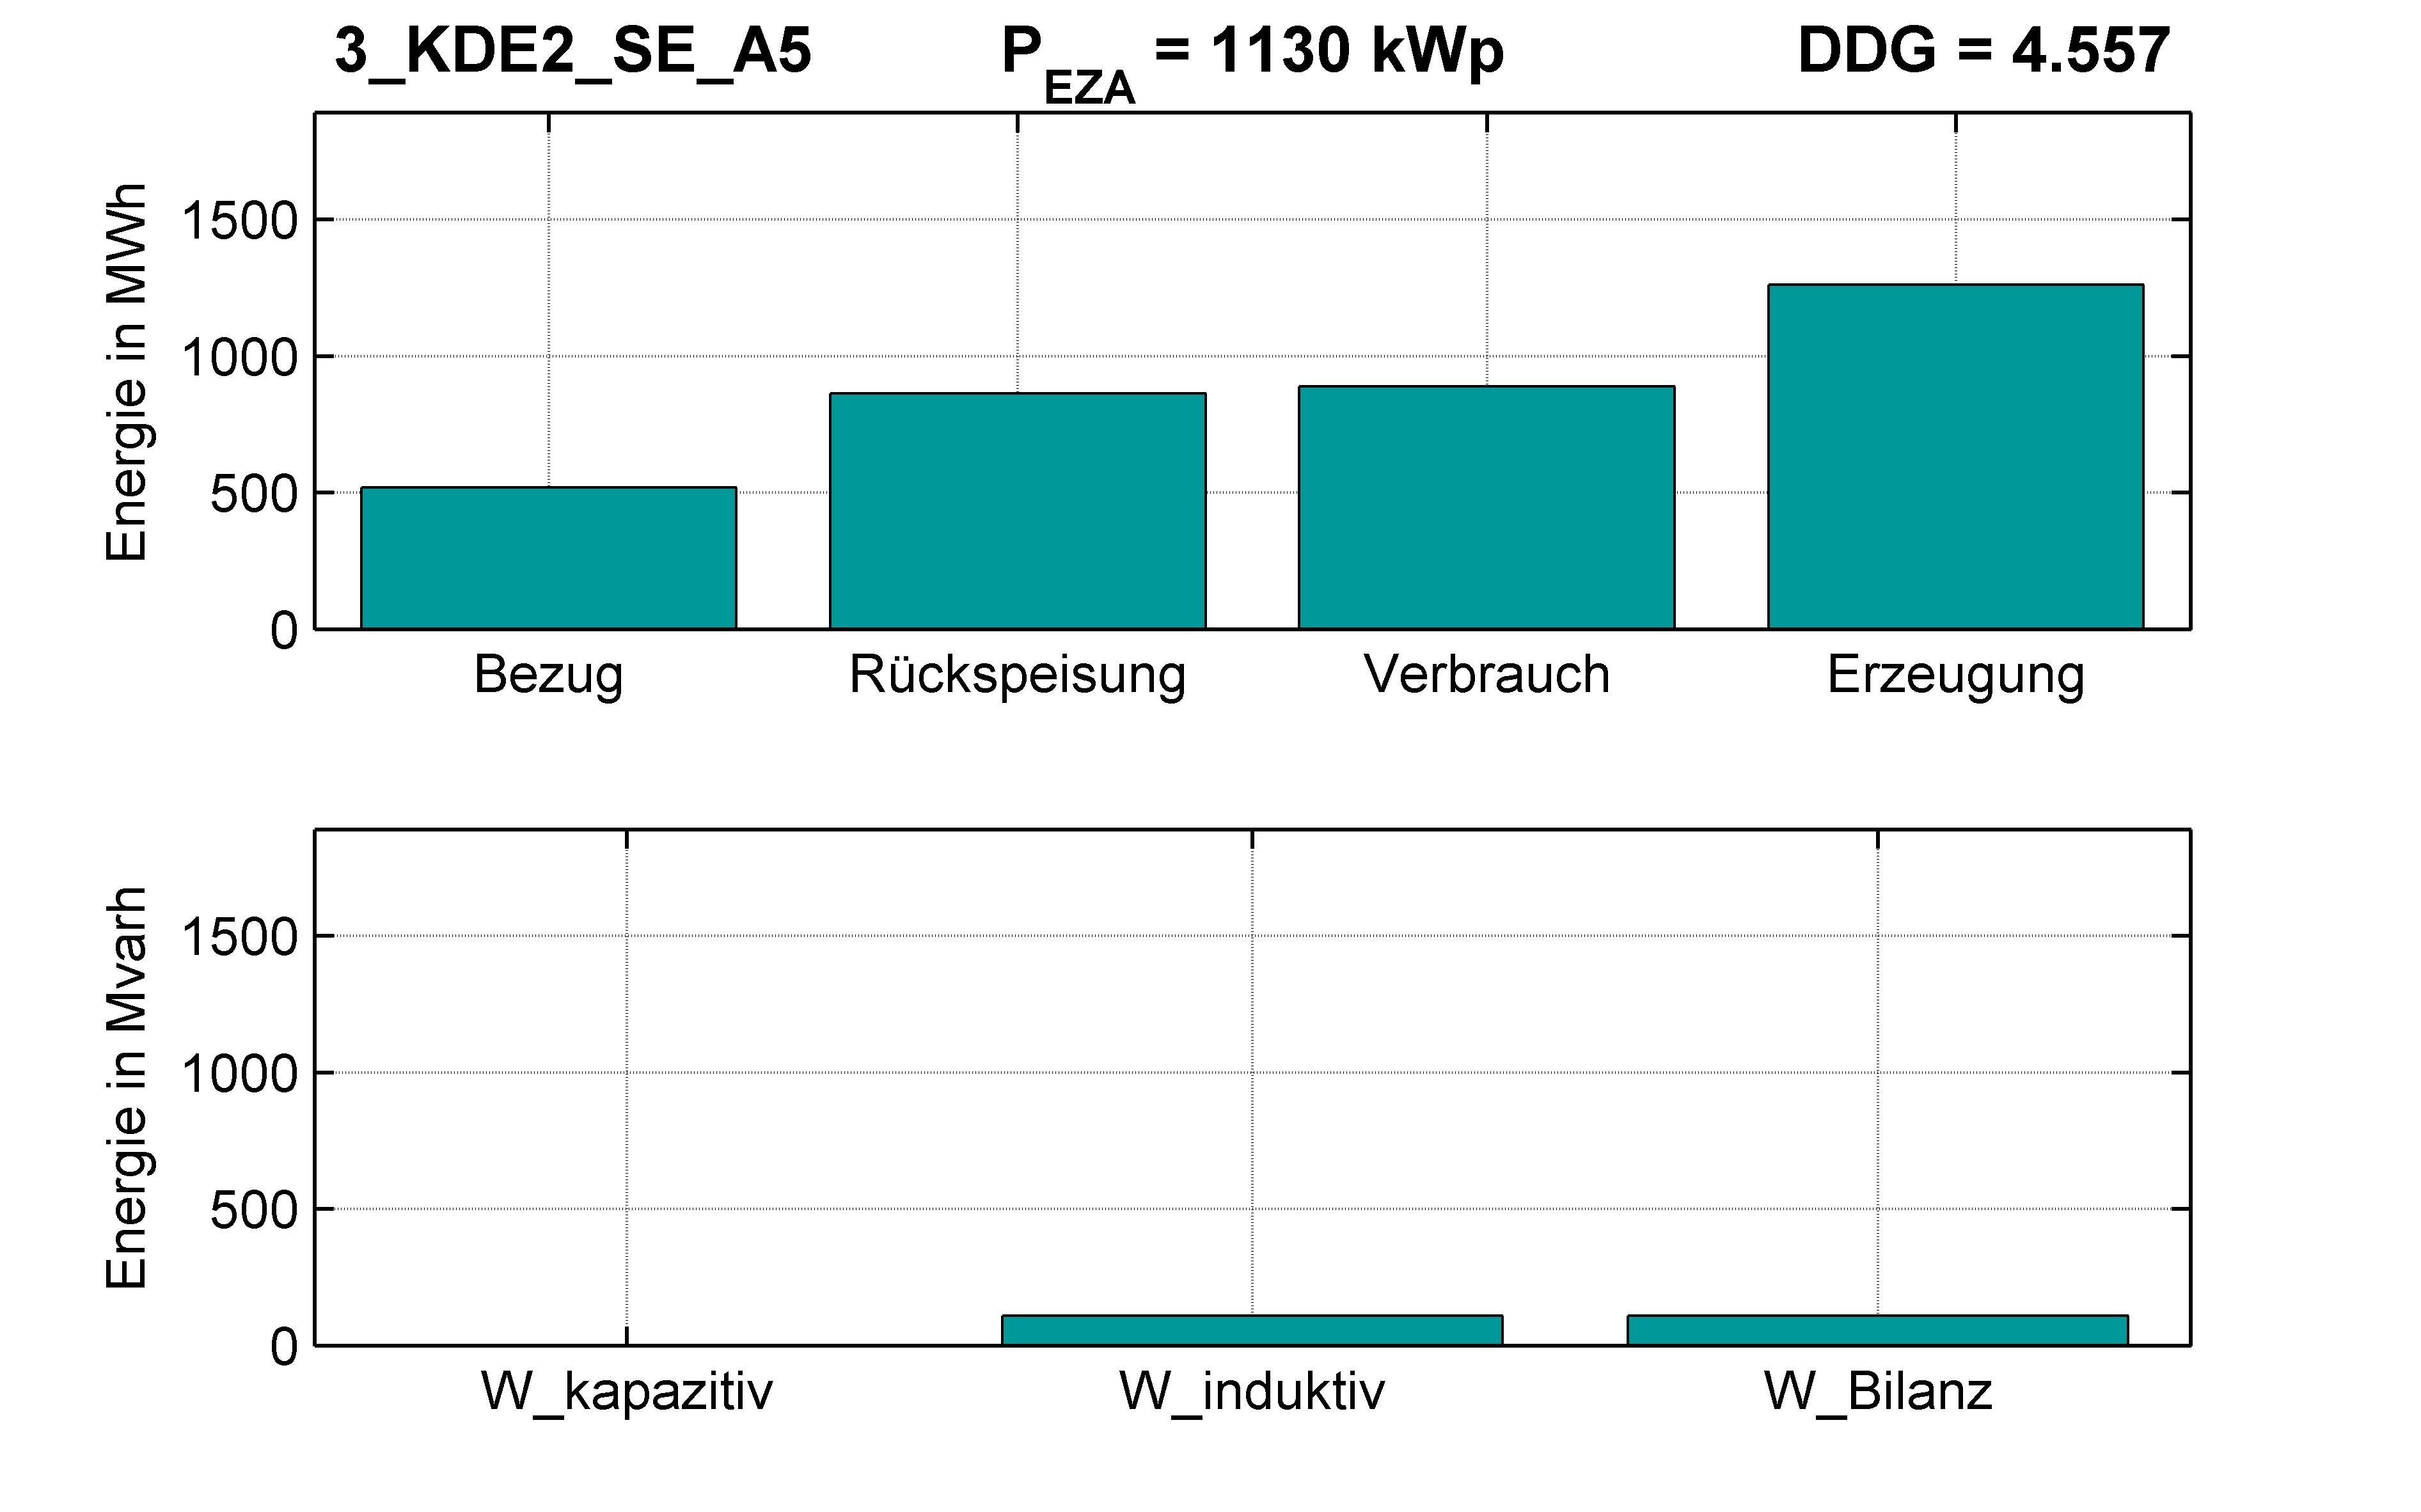 KDE2 | P-Kappung 70% (SE) A5 | PQ-Bilanz